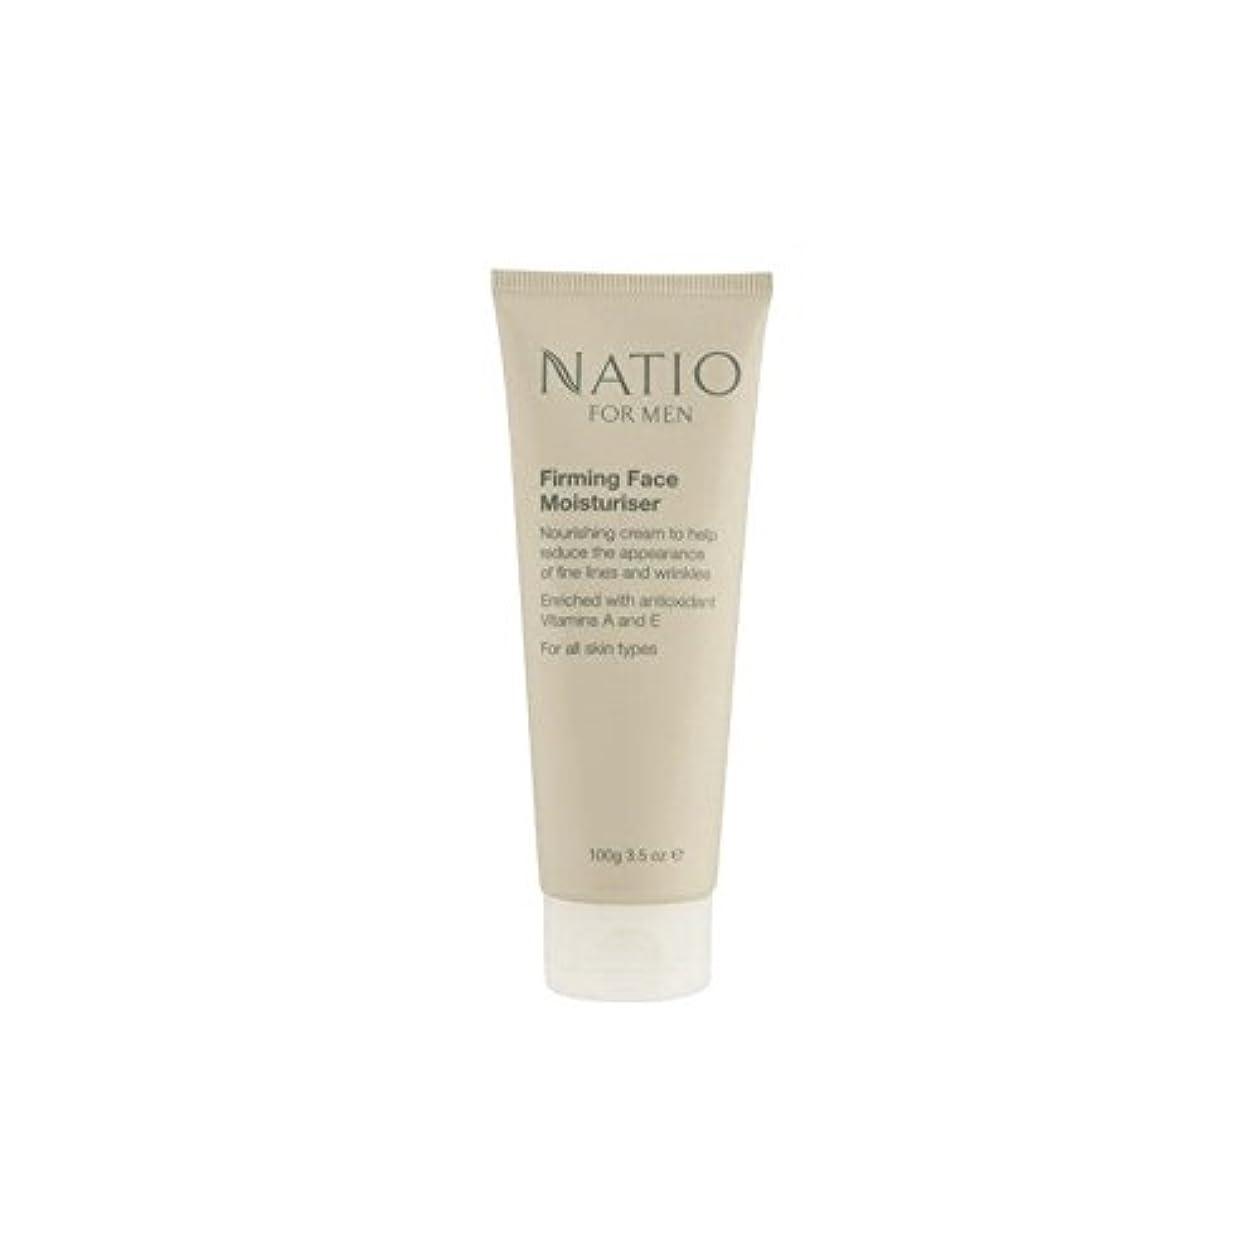 移動する喉頭拮抗Natio For Men Firming Face Moisturiser (100G) - 顔の保湿剤を引き締め男性のための(100グラム) [並行輸入品]